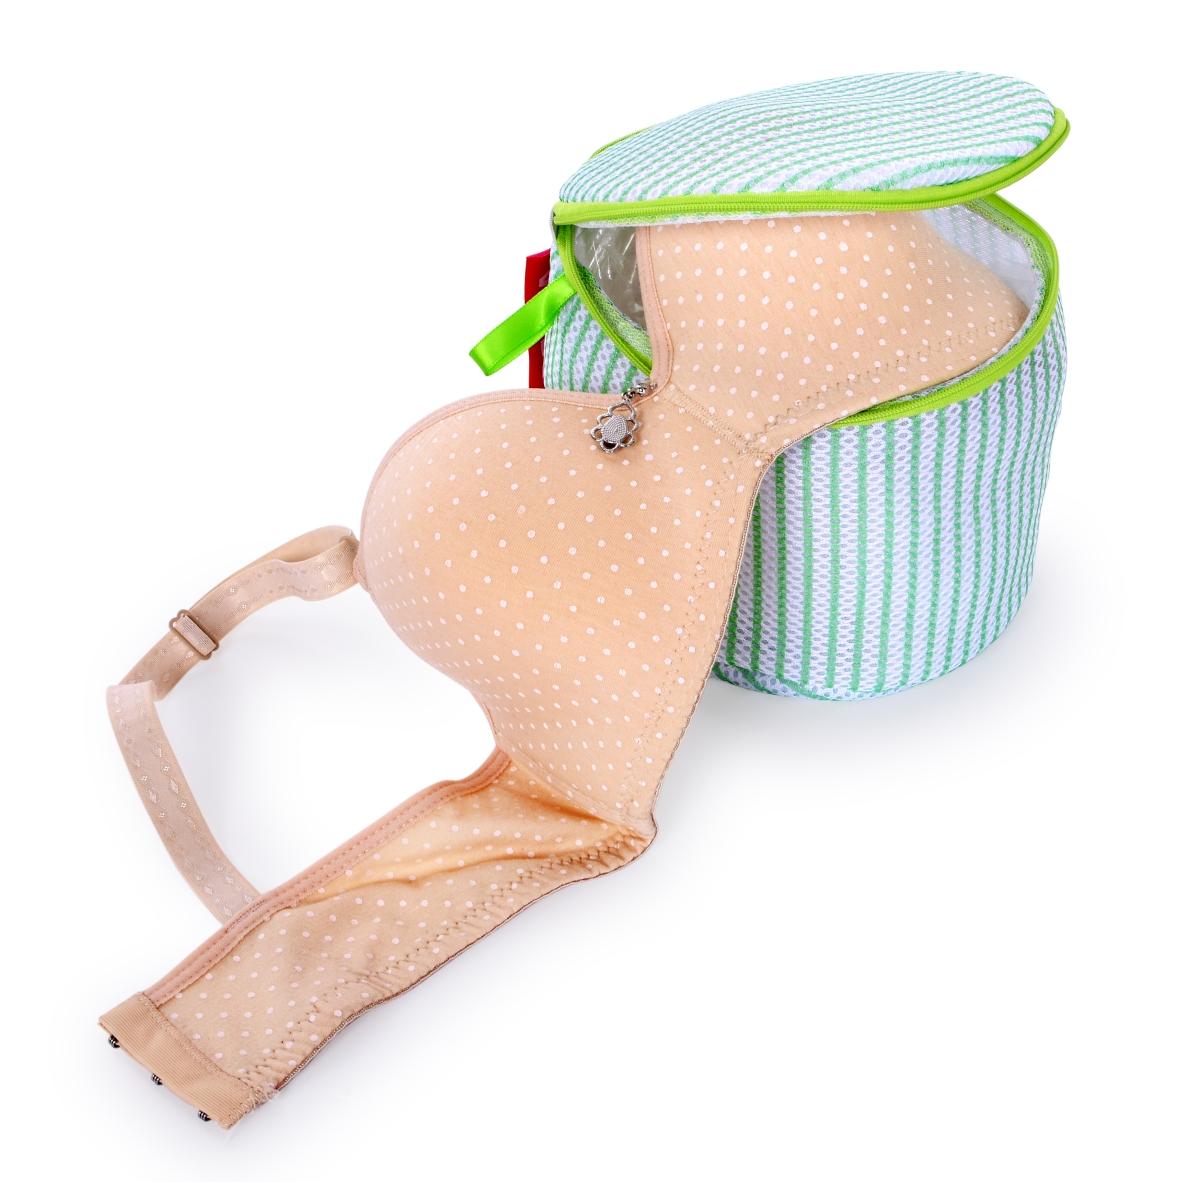 Košíček na praní podprsenek a jemného prádla, sendvičová síťovina